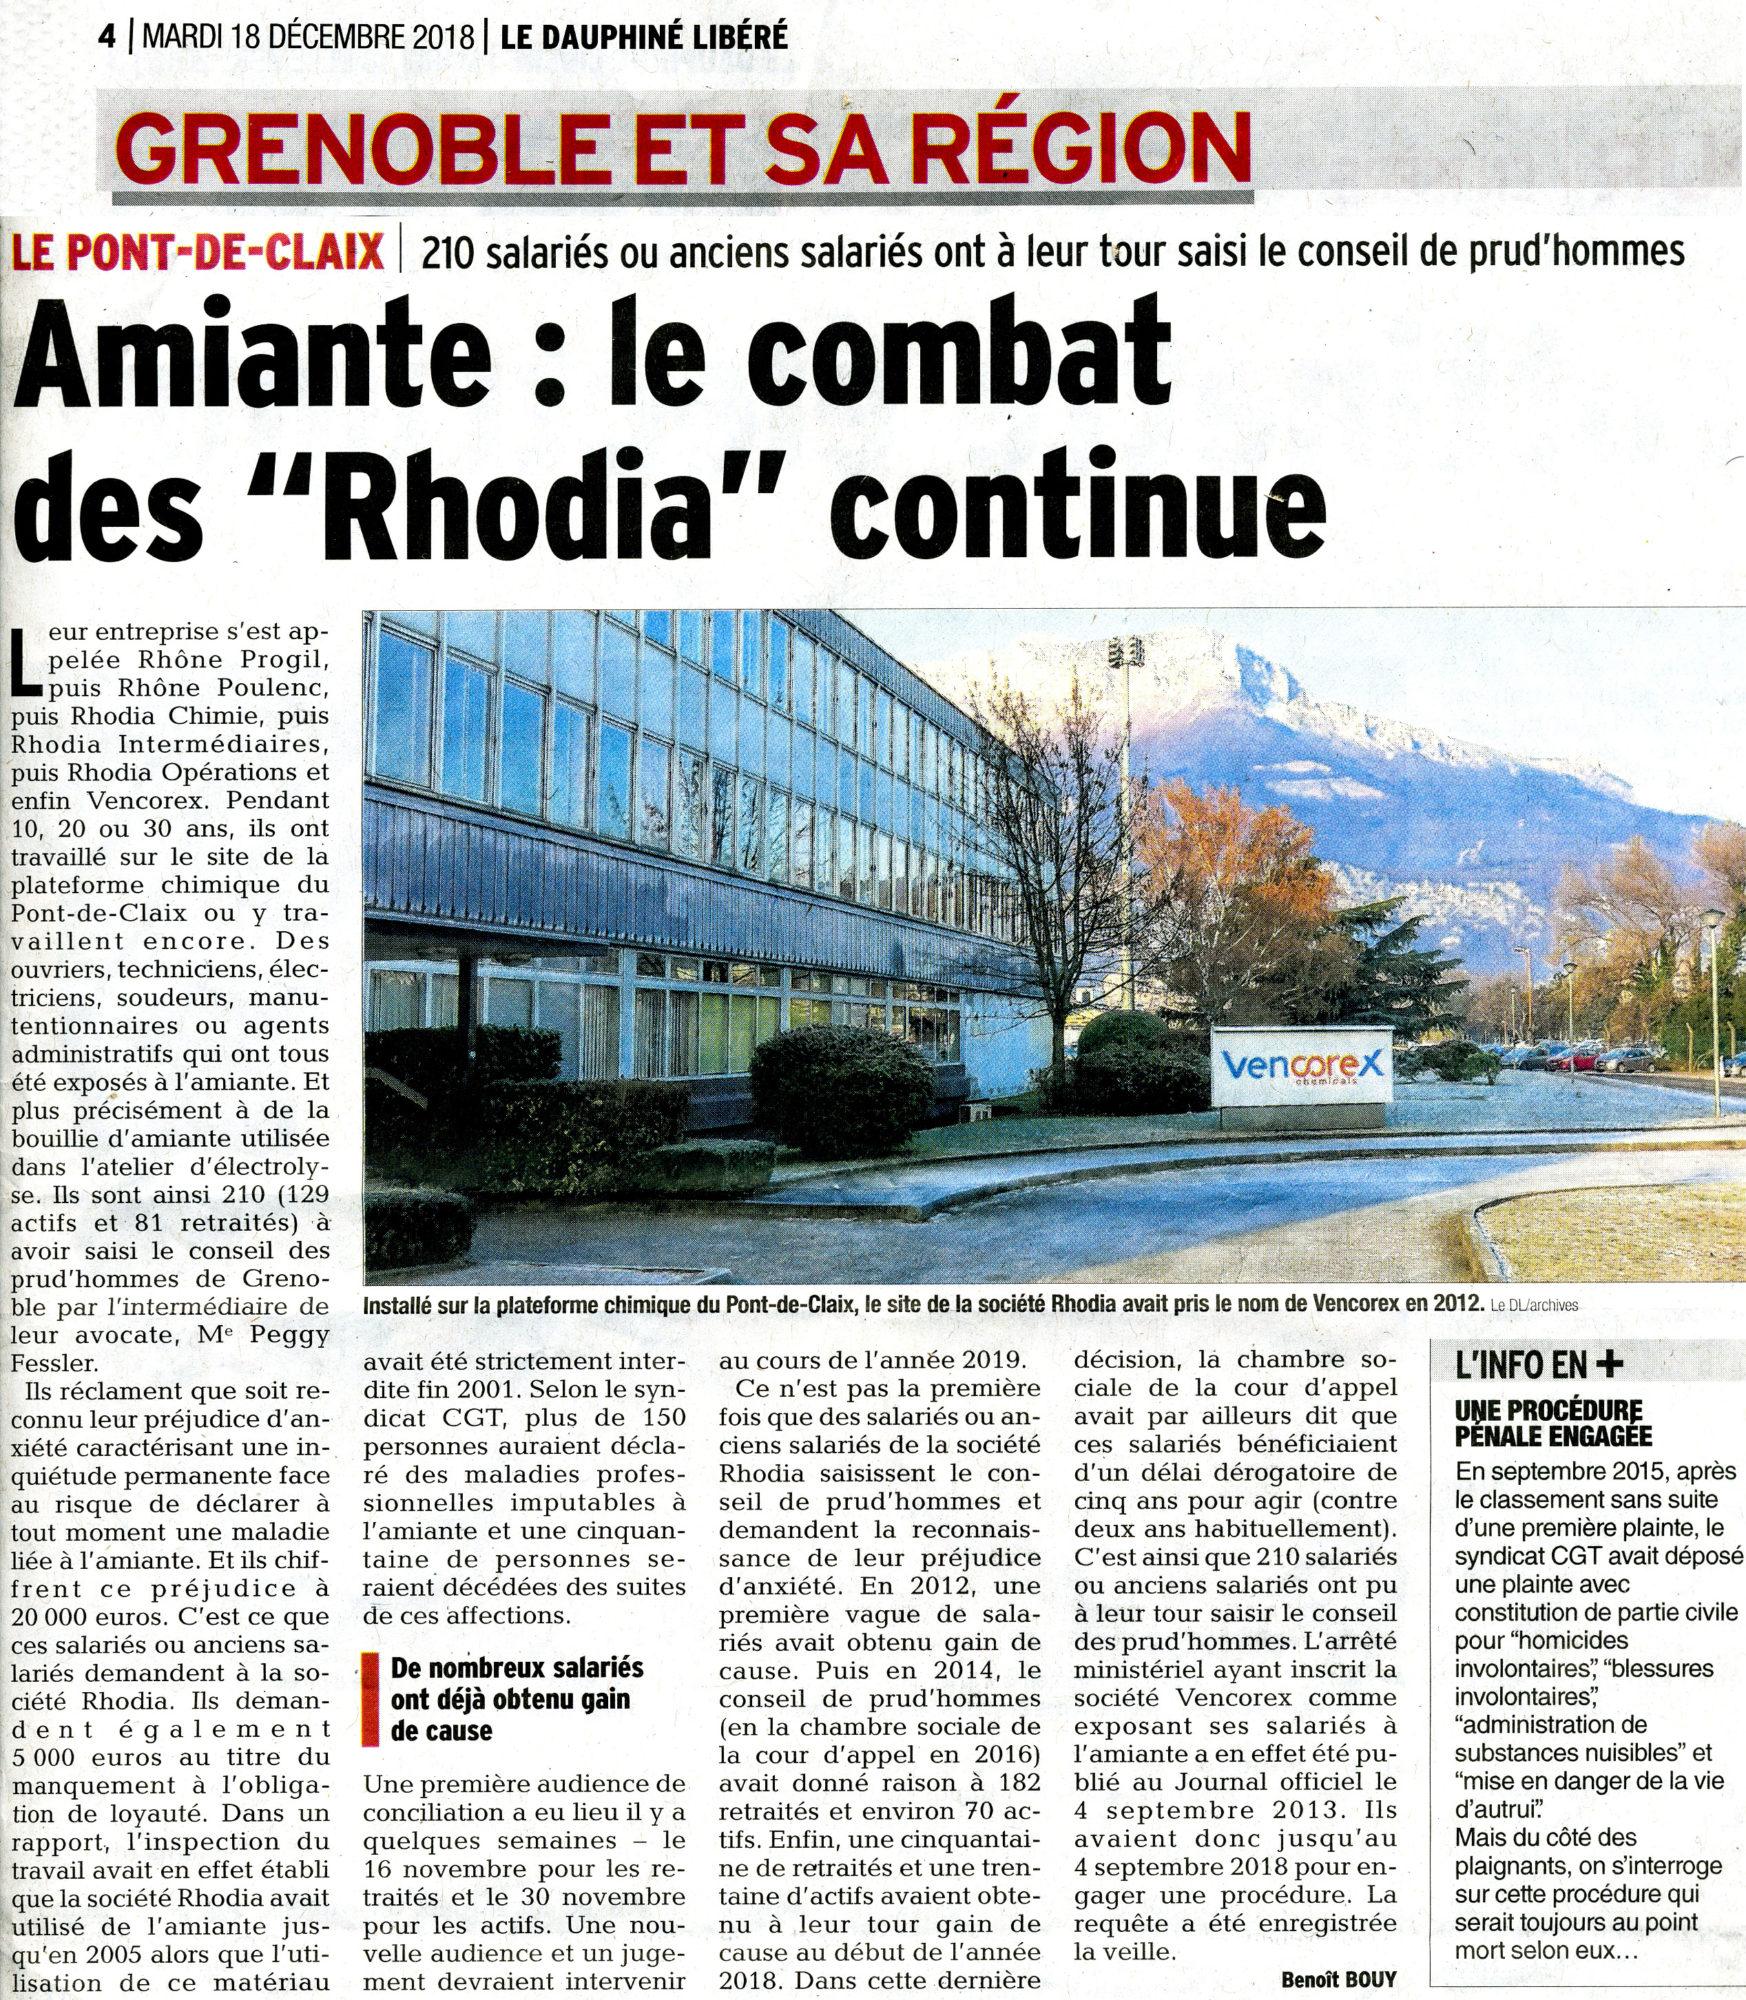 Amiante Rhodia